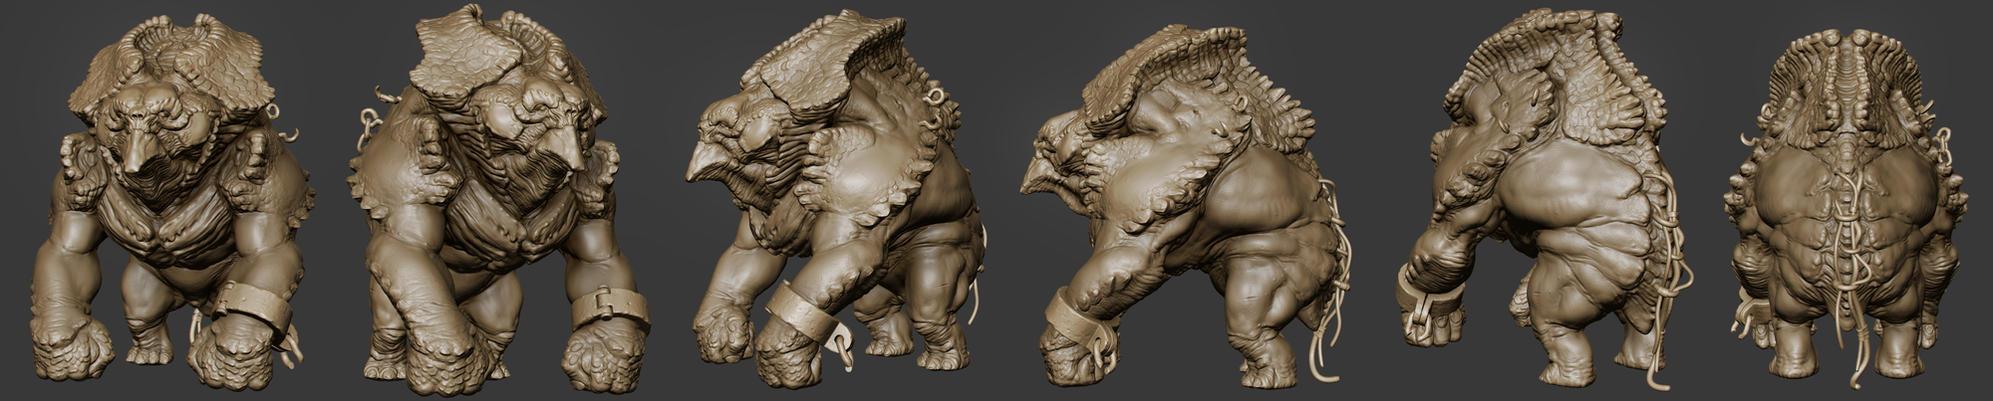 Beast model by jips3d